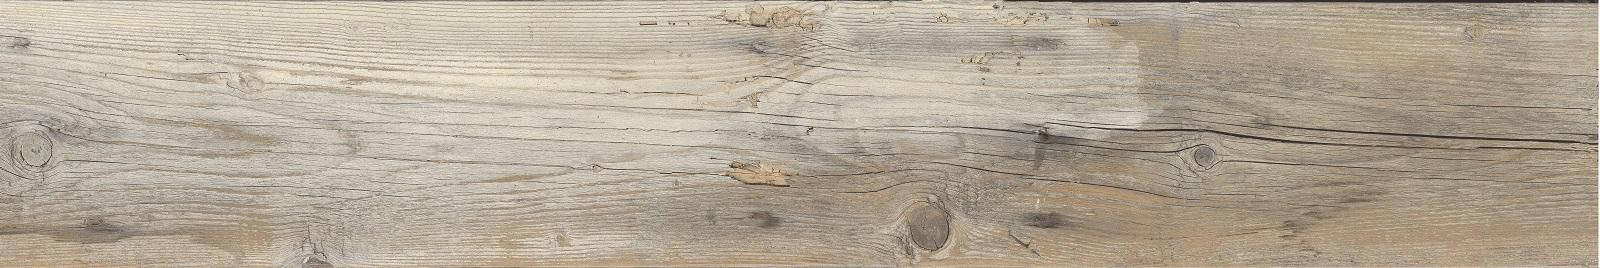 Плитка Legno Beige (zzxlv3r) изображение 5